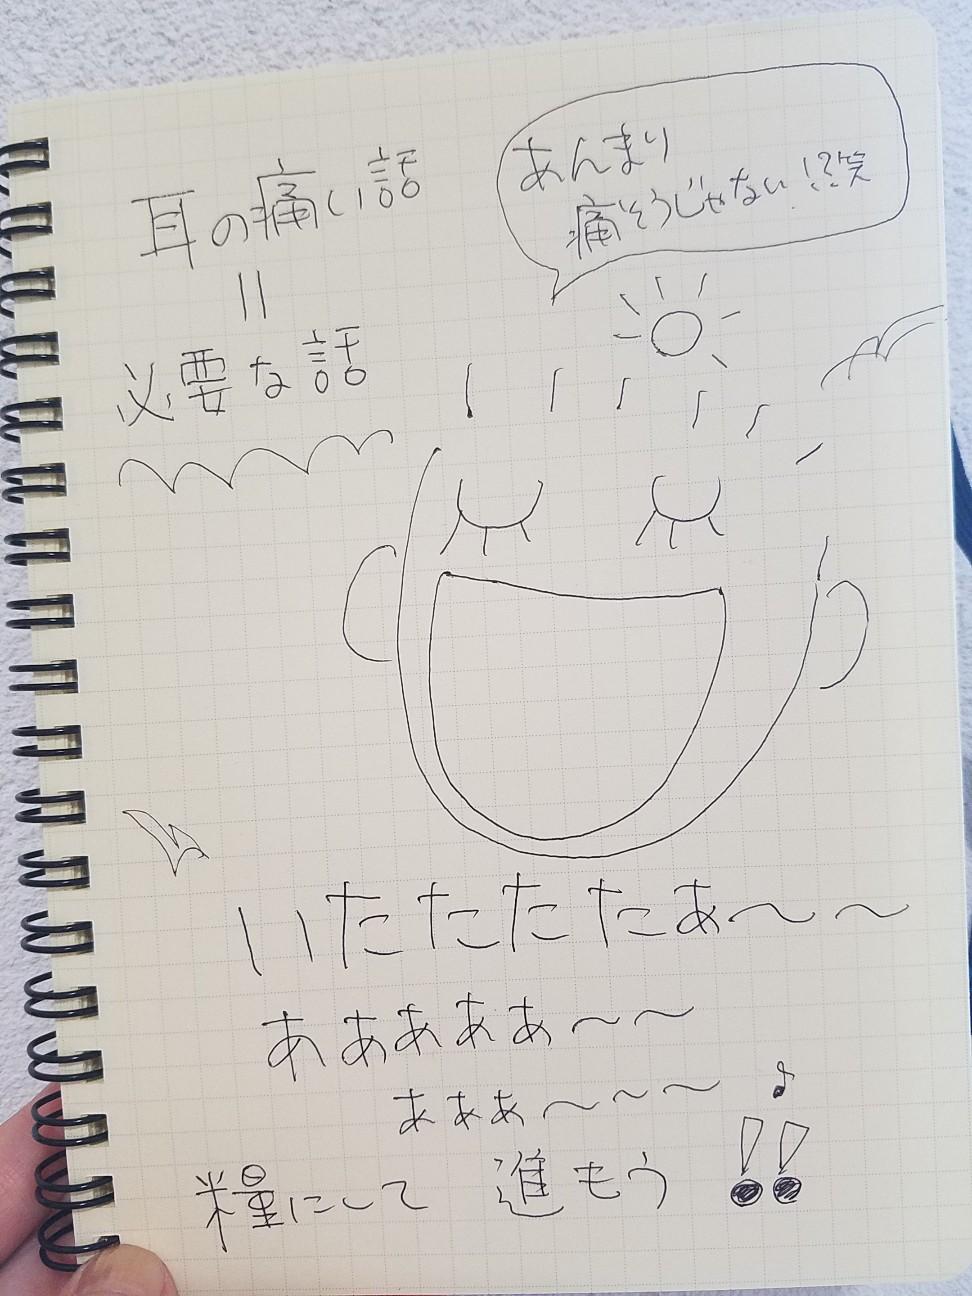 f:id:takasemariko:20210715090703j:image